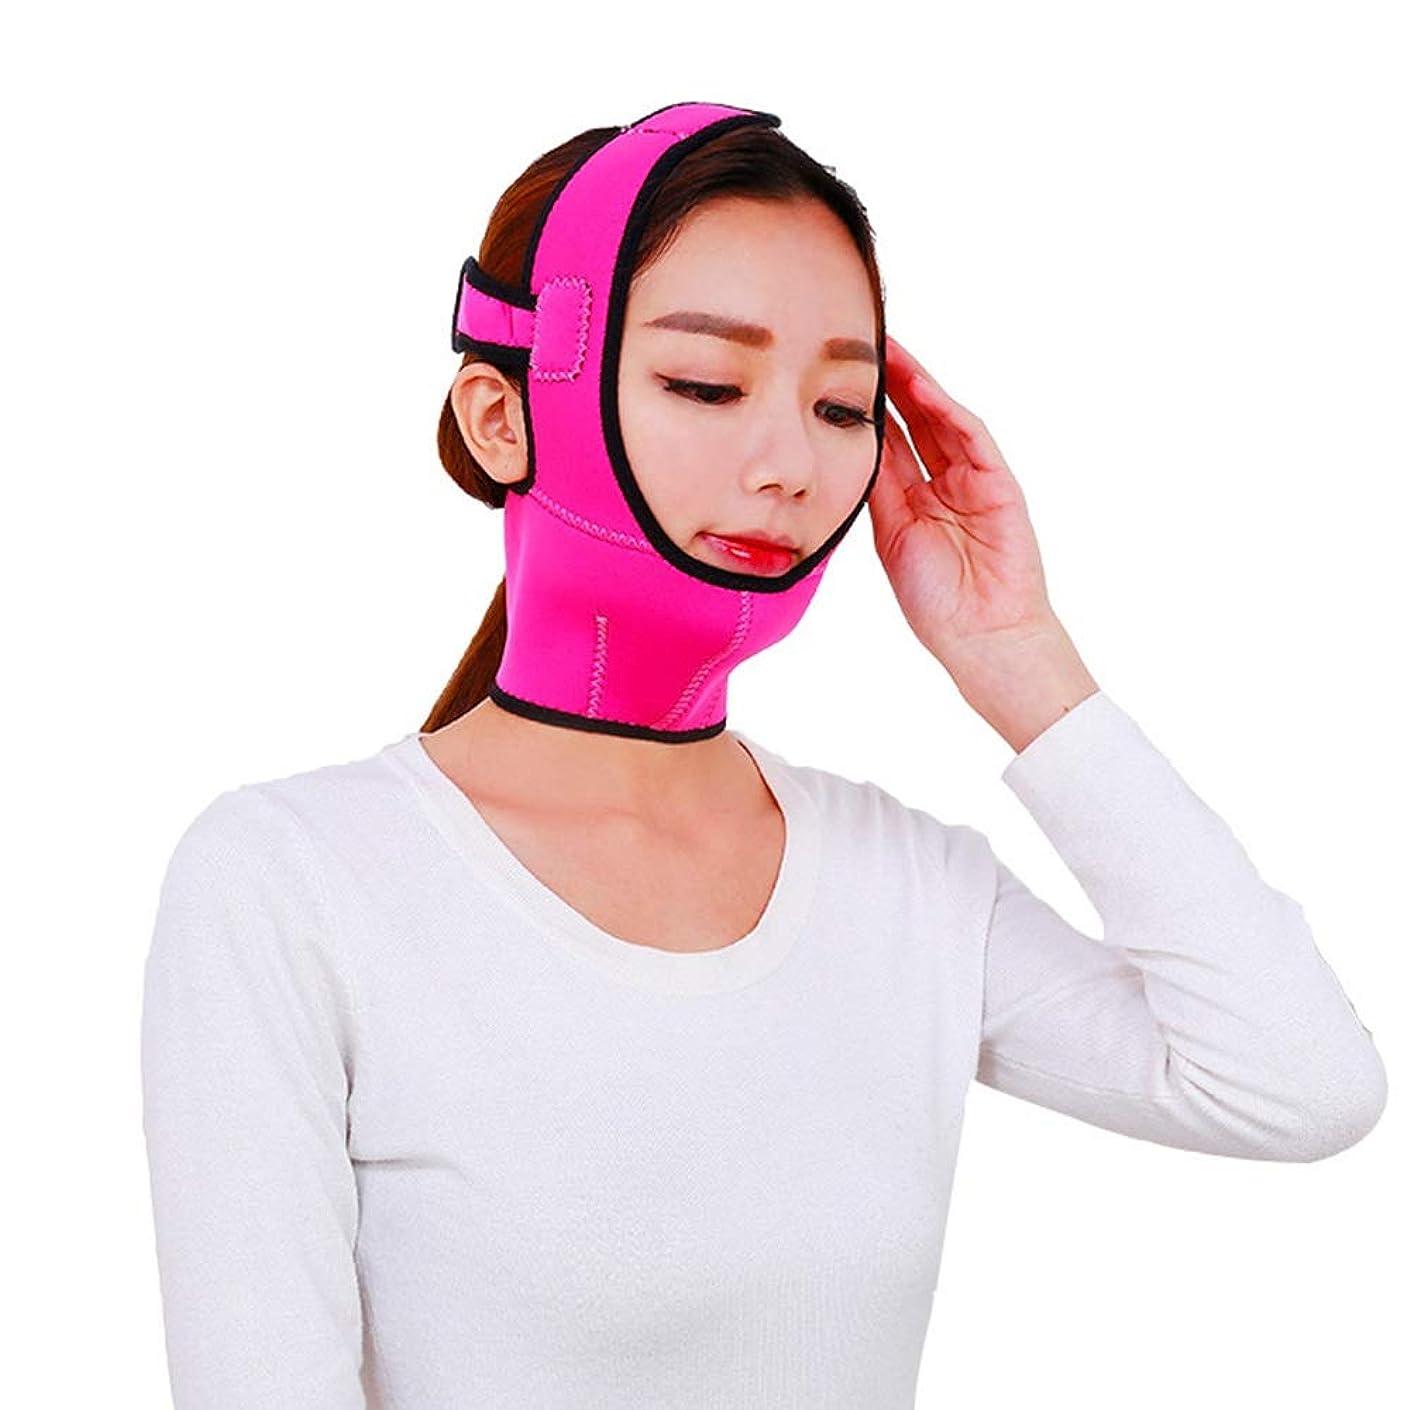 驚いたことに肖像画ゾーン顔を持ち上げるベルト通気性の顔面リフティング包帯ダブルチン顔面リフティングマスクを締めるV顔面顔面リフレッシングツール